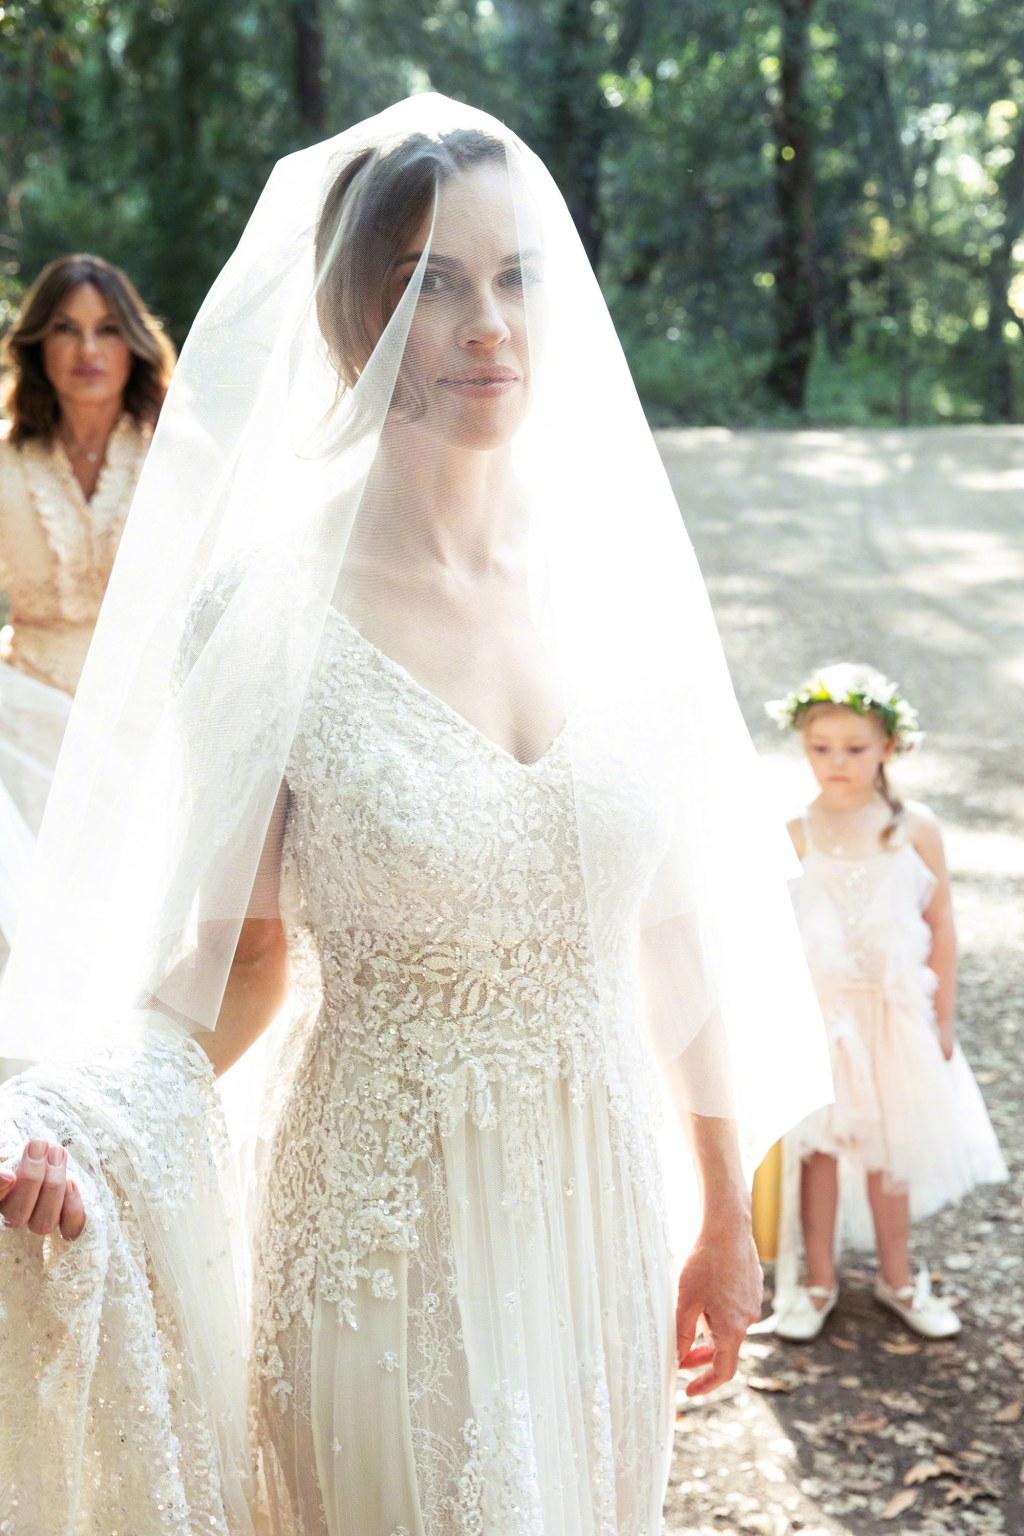 奥斯卡影后斯万克秘密成婚 婚礼照超美又温馨